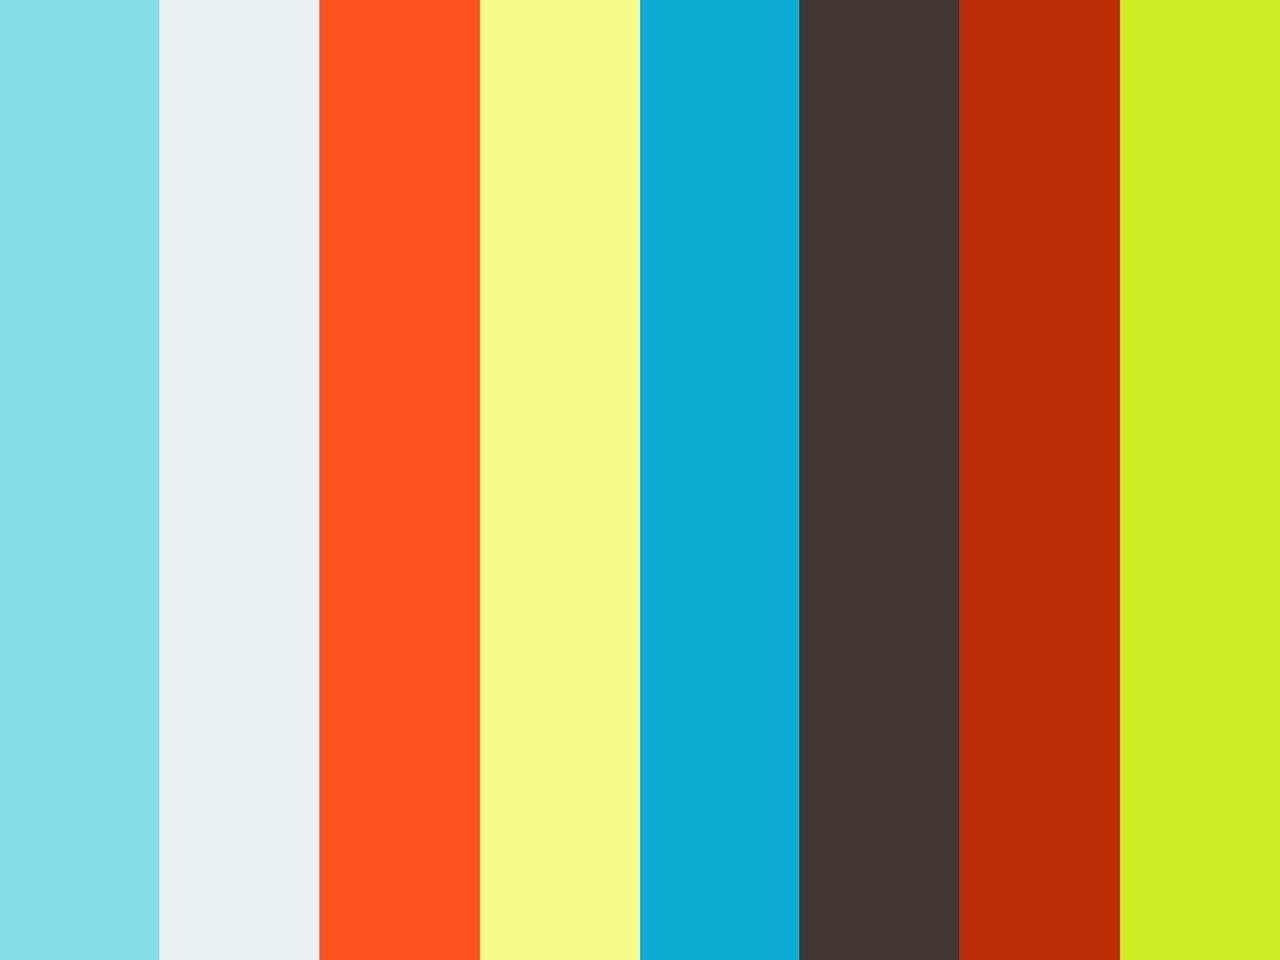 2016-OnArchitecture-Paulo Mendes da Rocha-Mube-FINAL